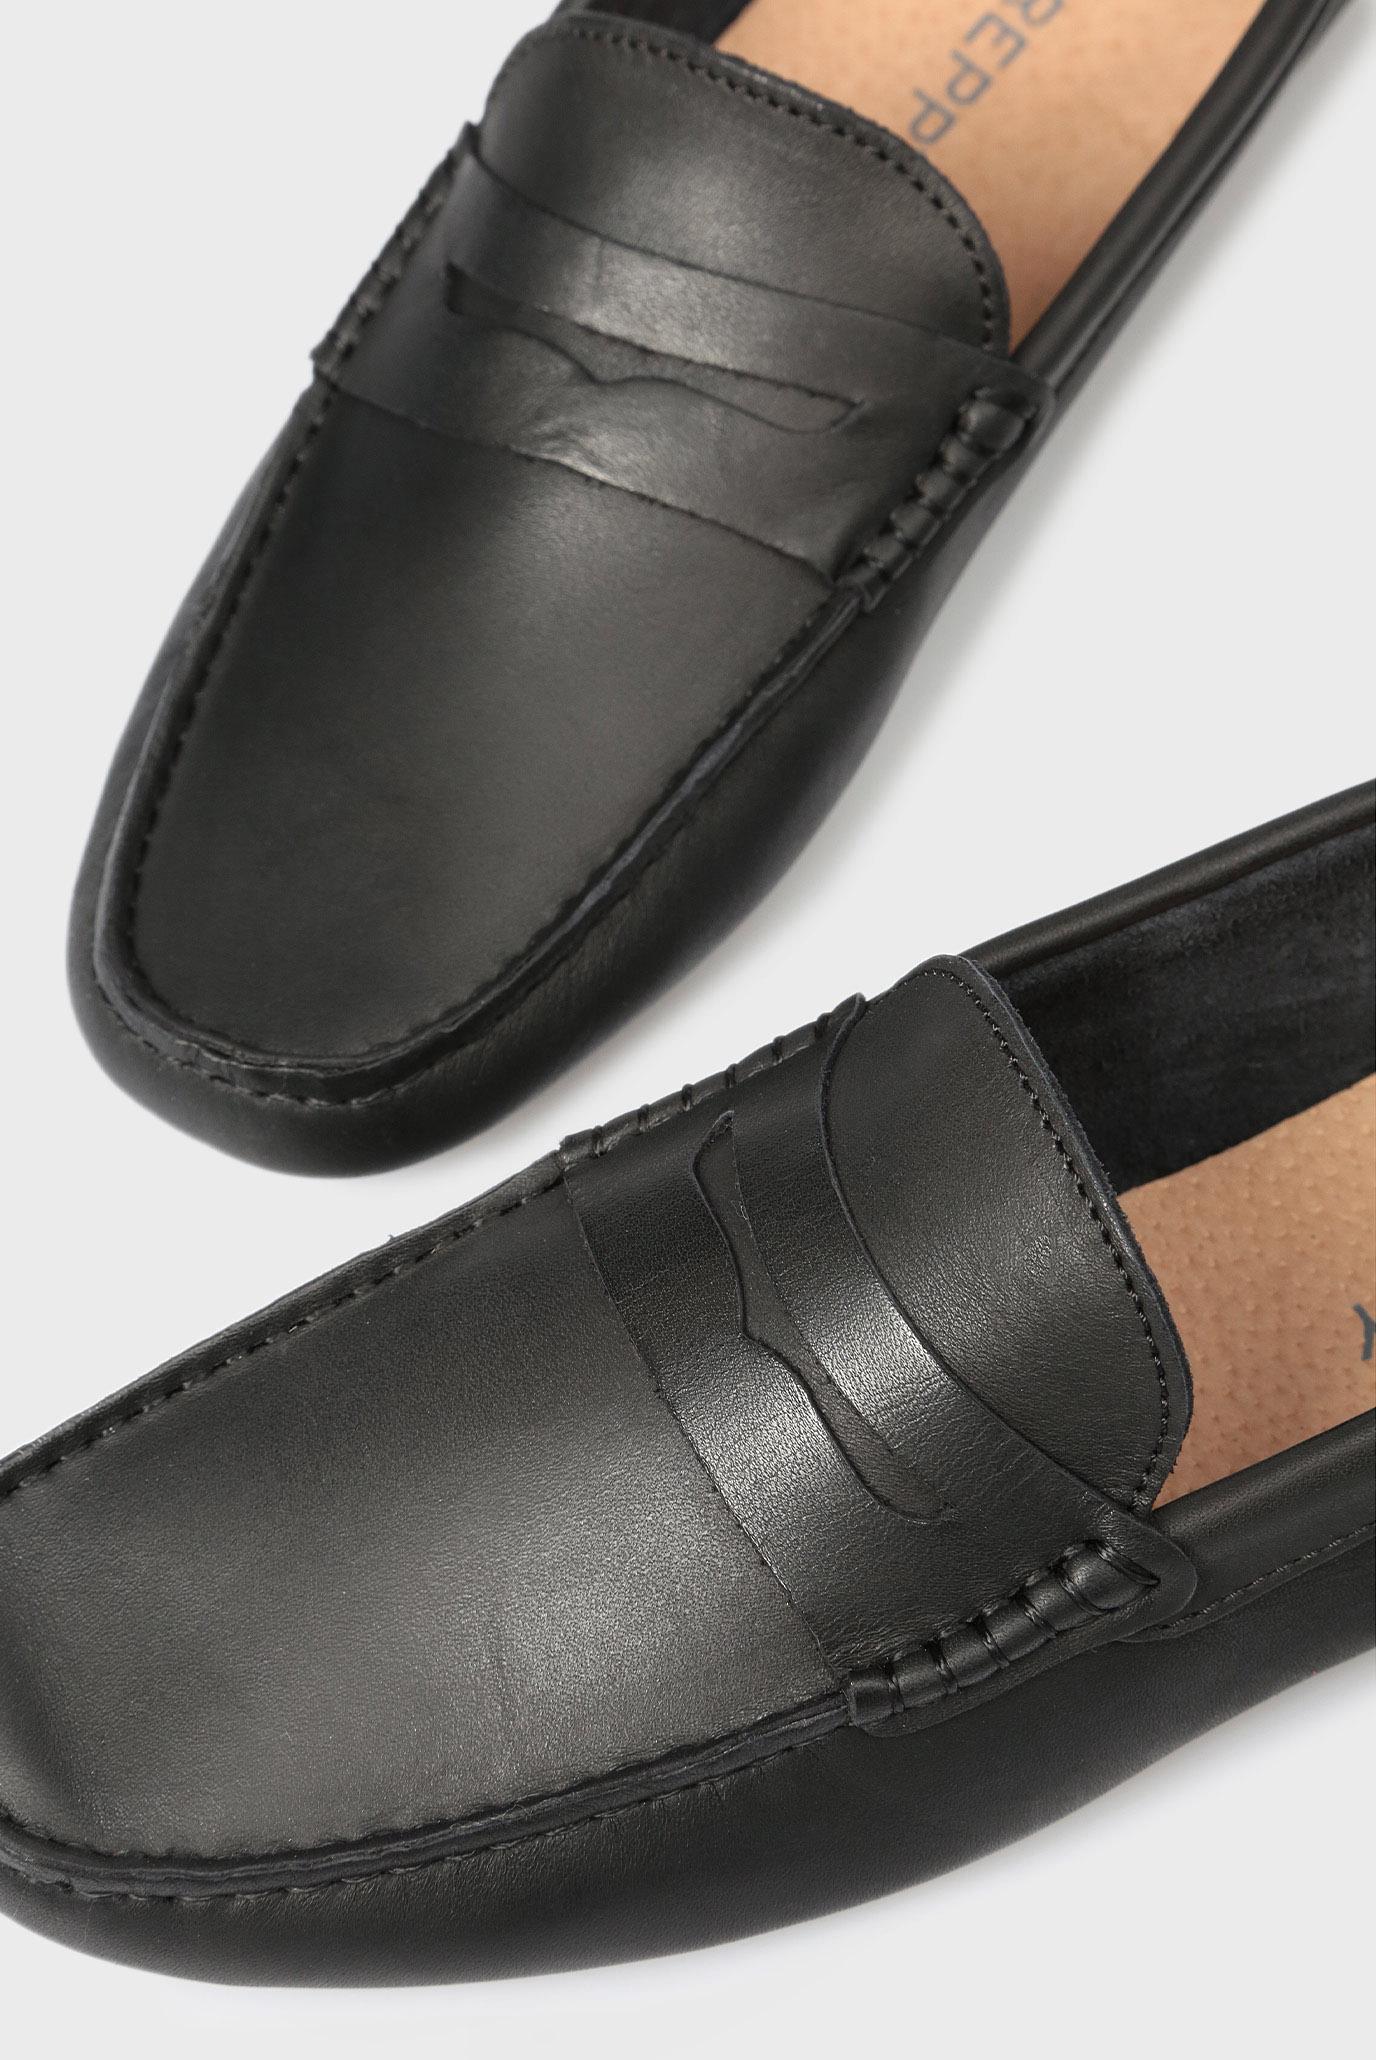 Купить Мужские черные кожаные мокасины Preppy Preppy 6.34.32320.403 – Киев, Украина. Цены в интернет магазине MD Fashion